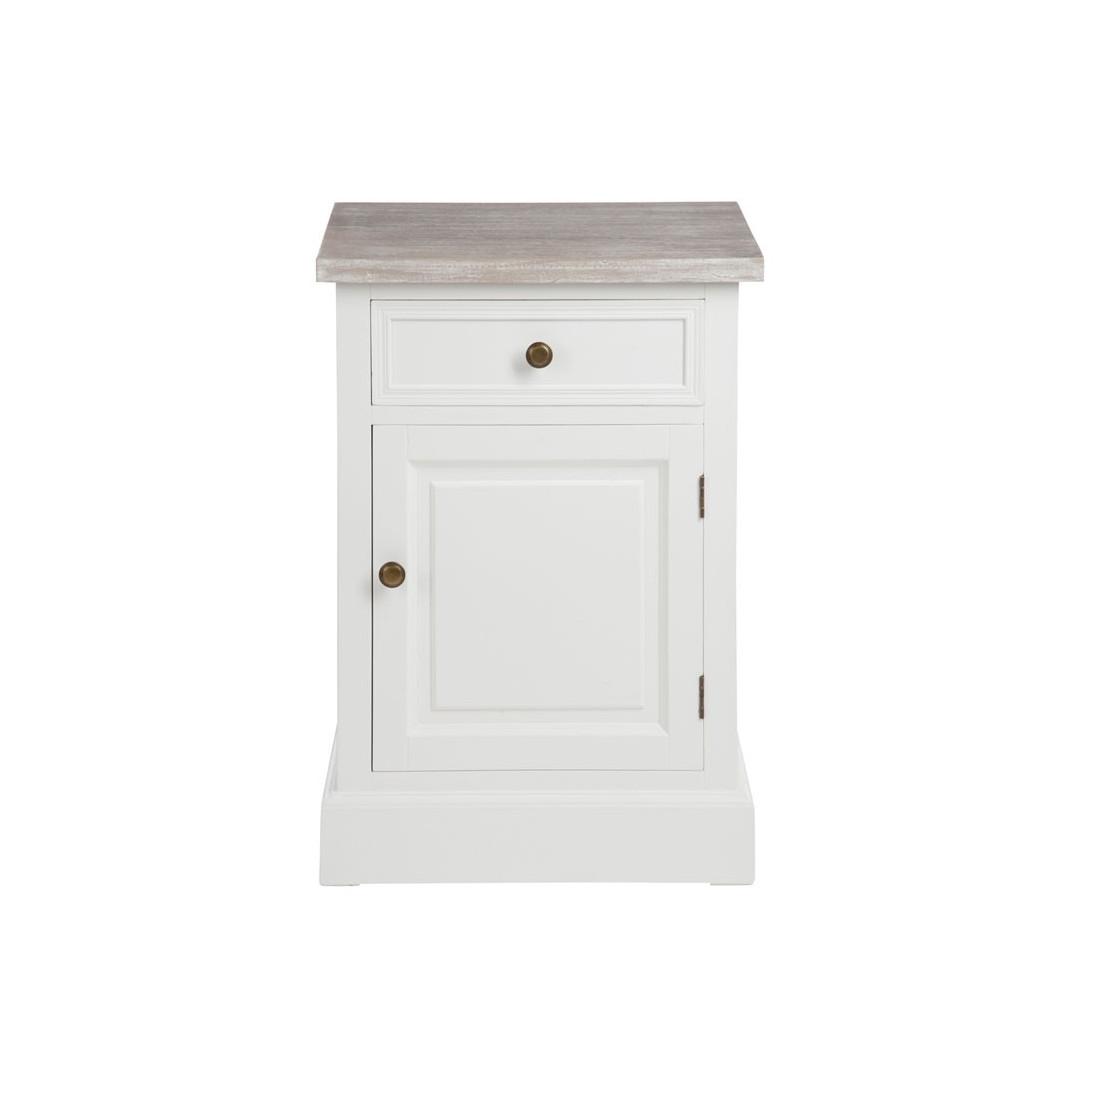 Table de chevet bois c rus 1 porte 1 tiroir regus univers chambre - Table de chevet bois blanc ...